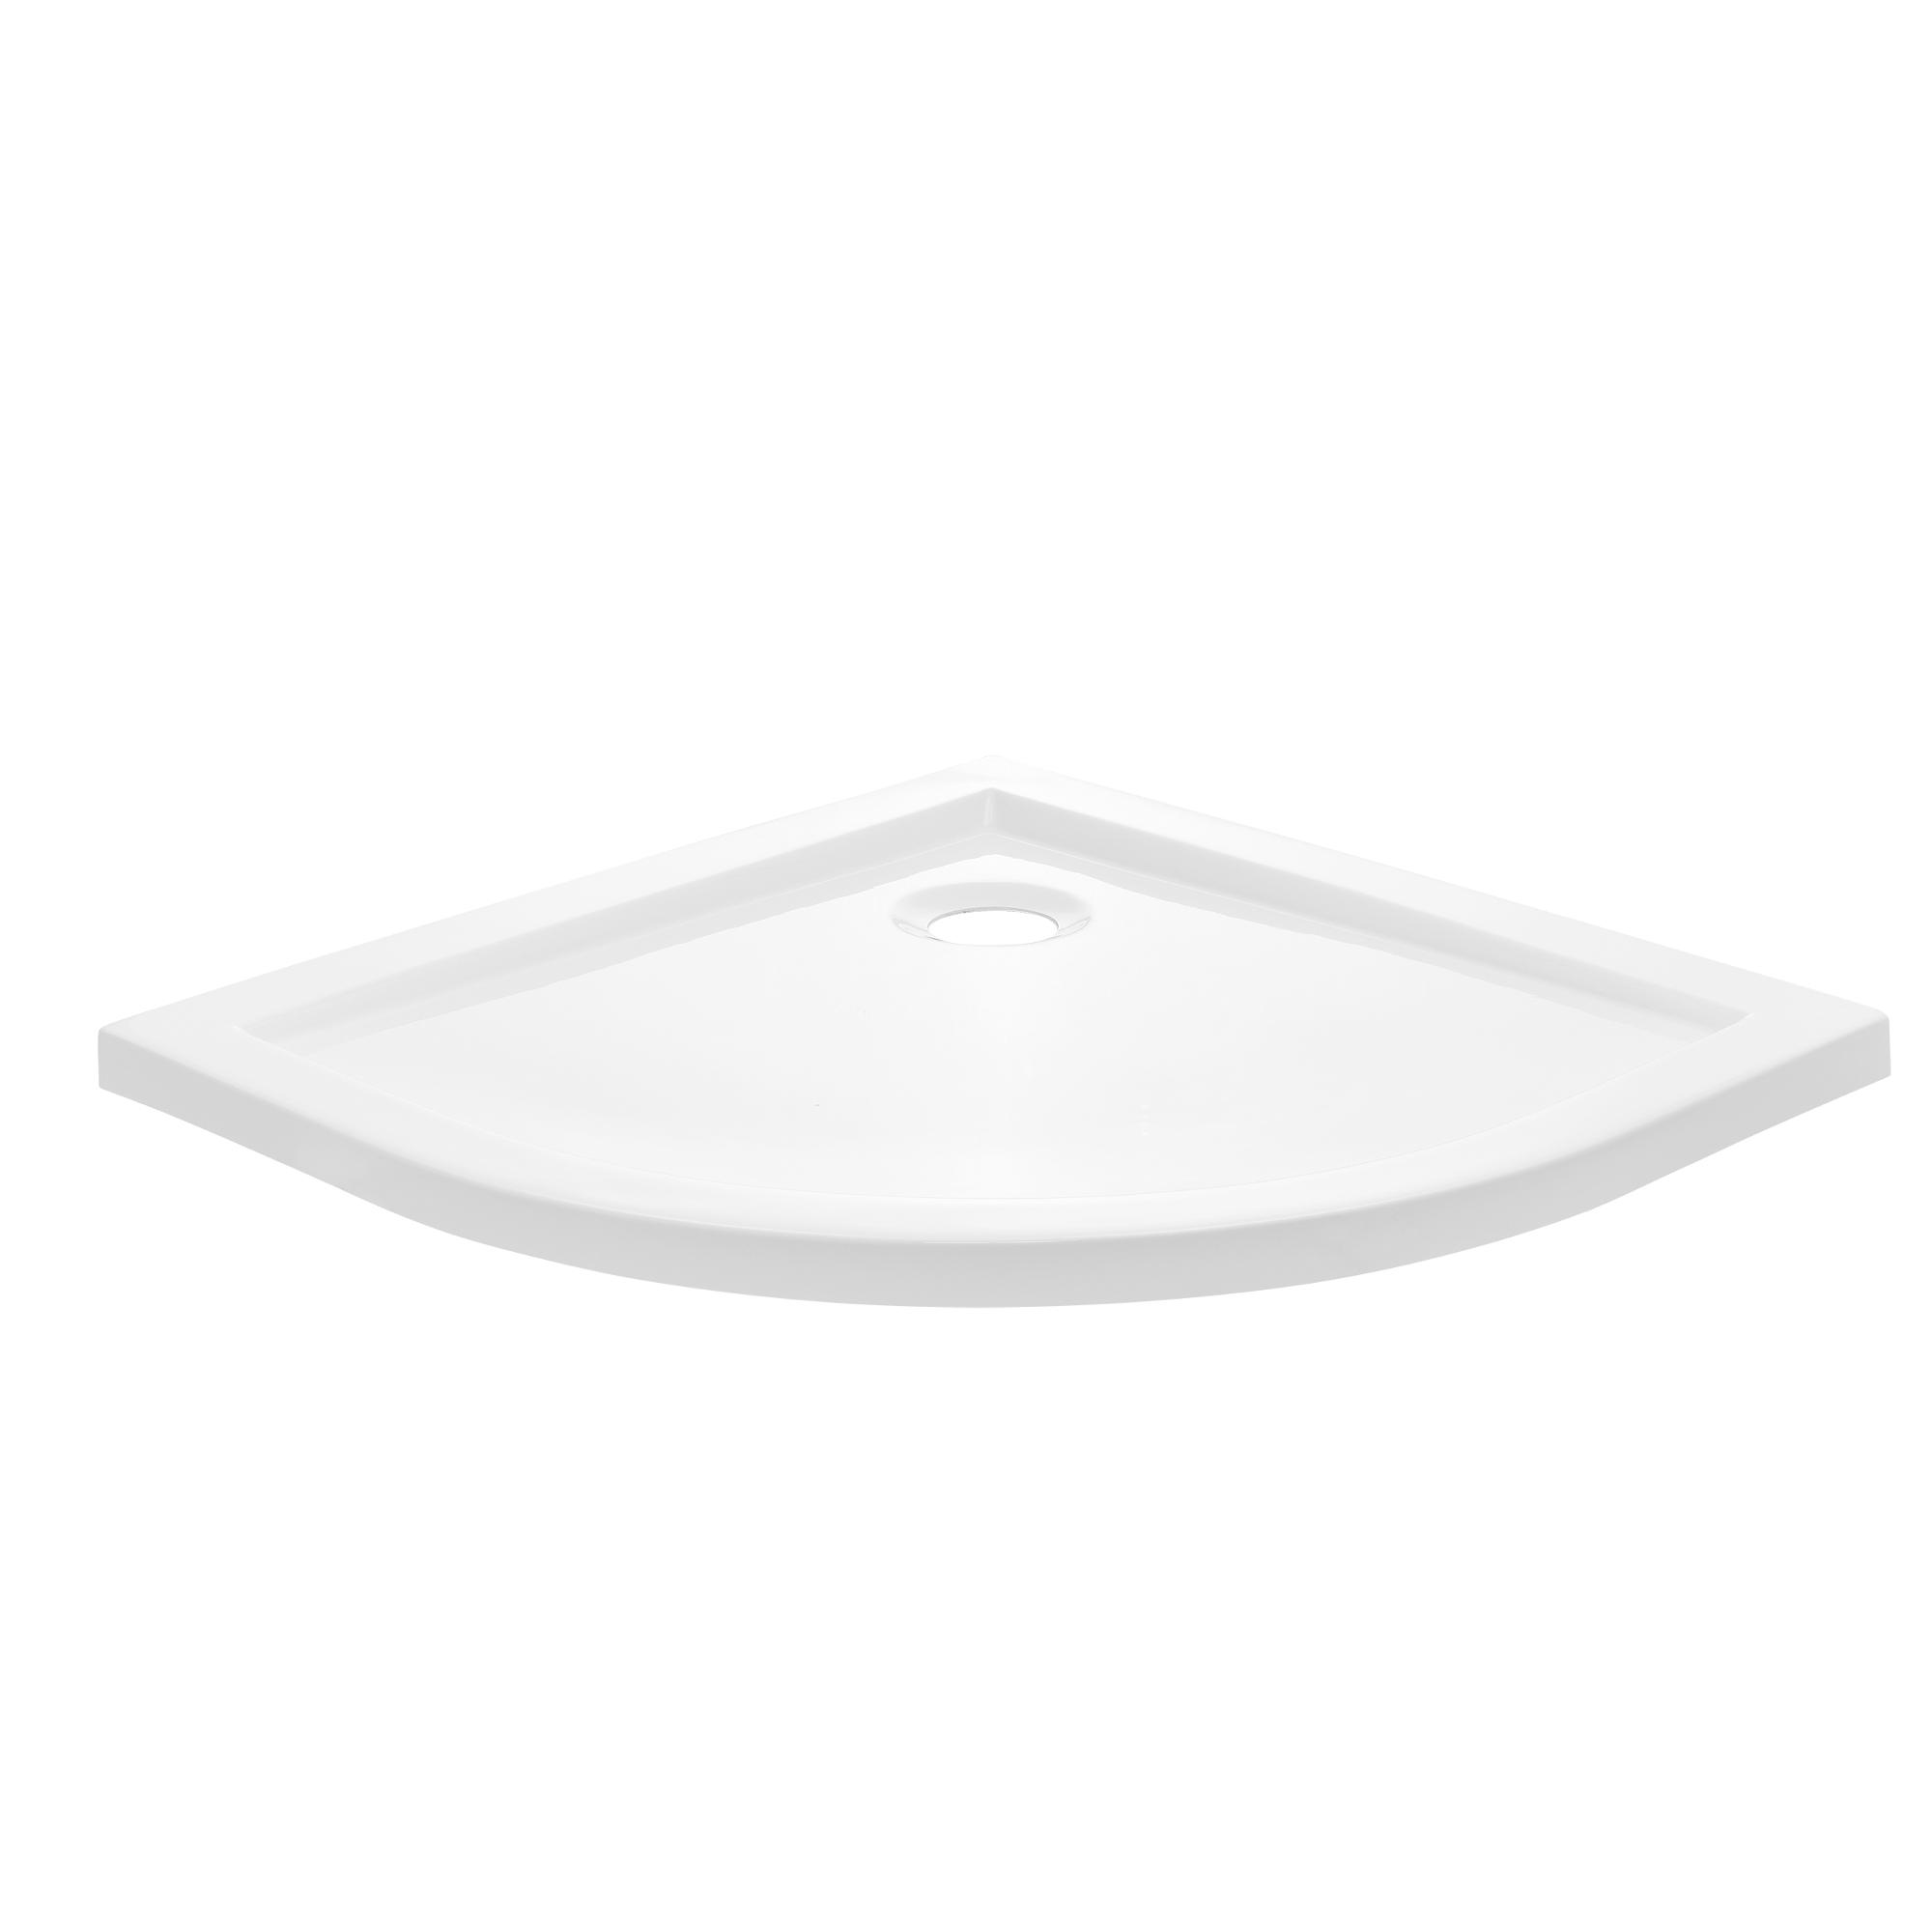 casa piatto doccia bianco puro piatto doccia extra piatto bagno katiuscia ebay. Black Bedroom Furniture Sets. Home Design Ideas